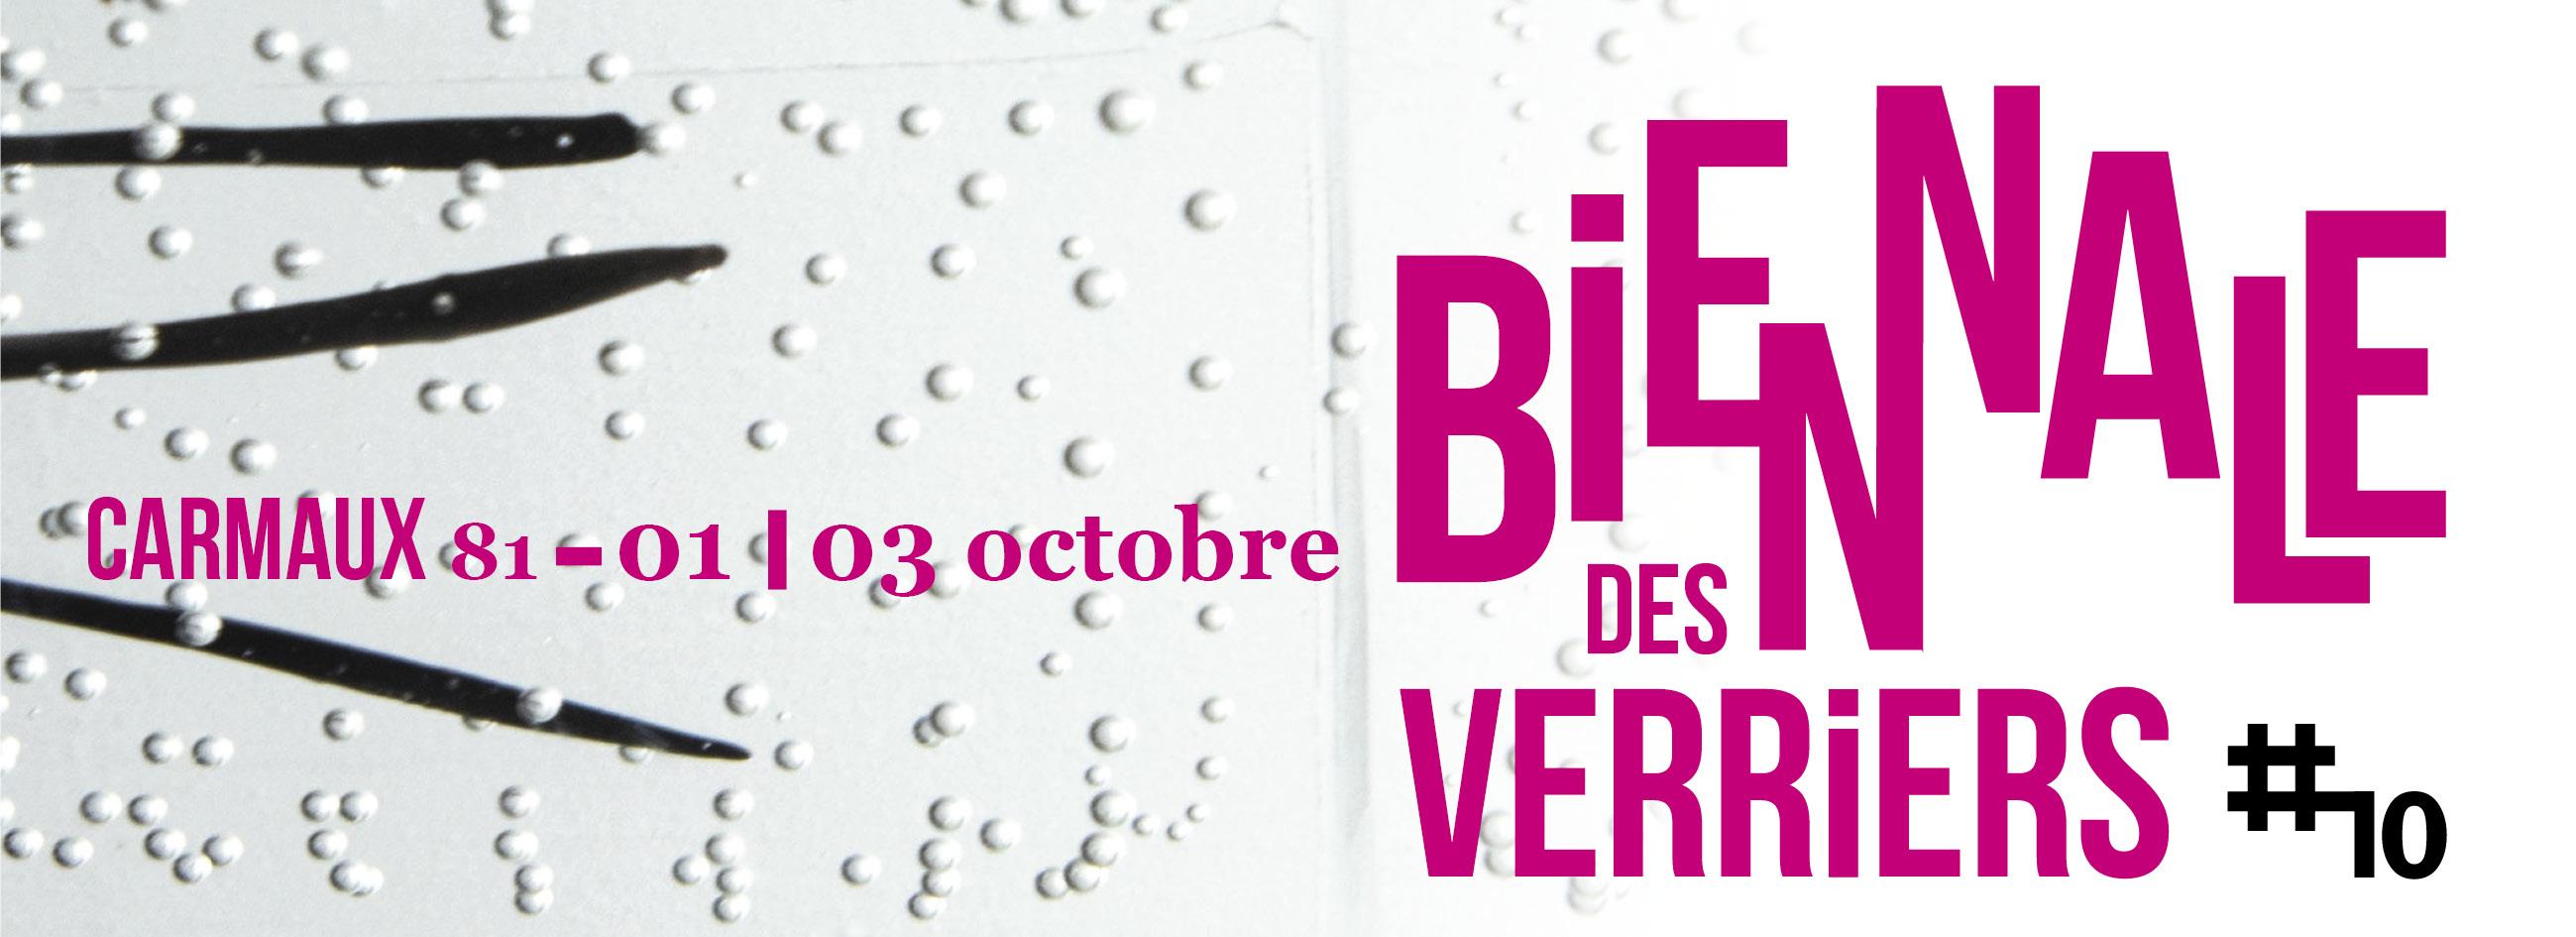 bandeau_FB_FR_800.jpg